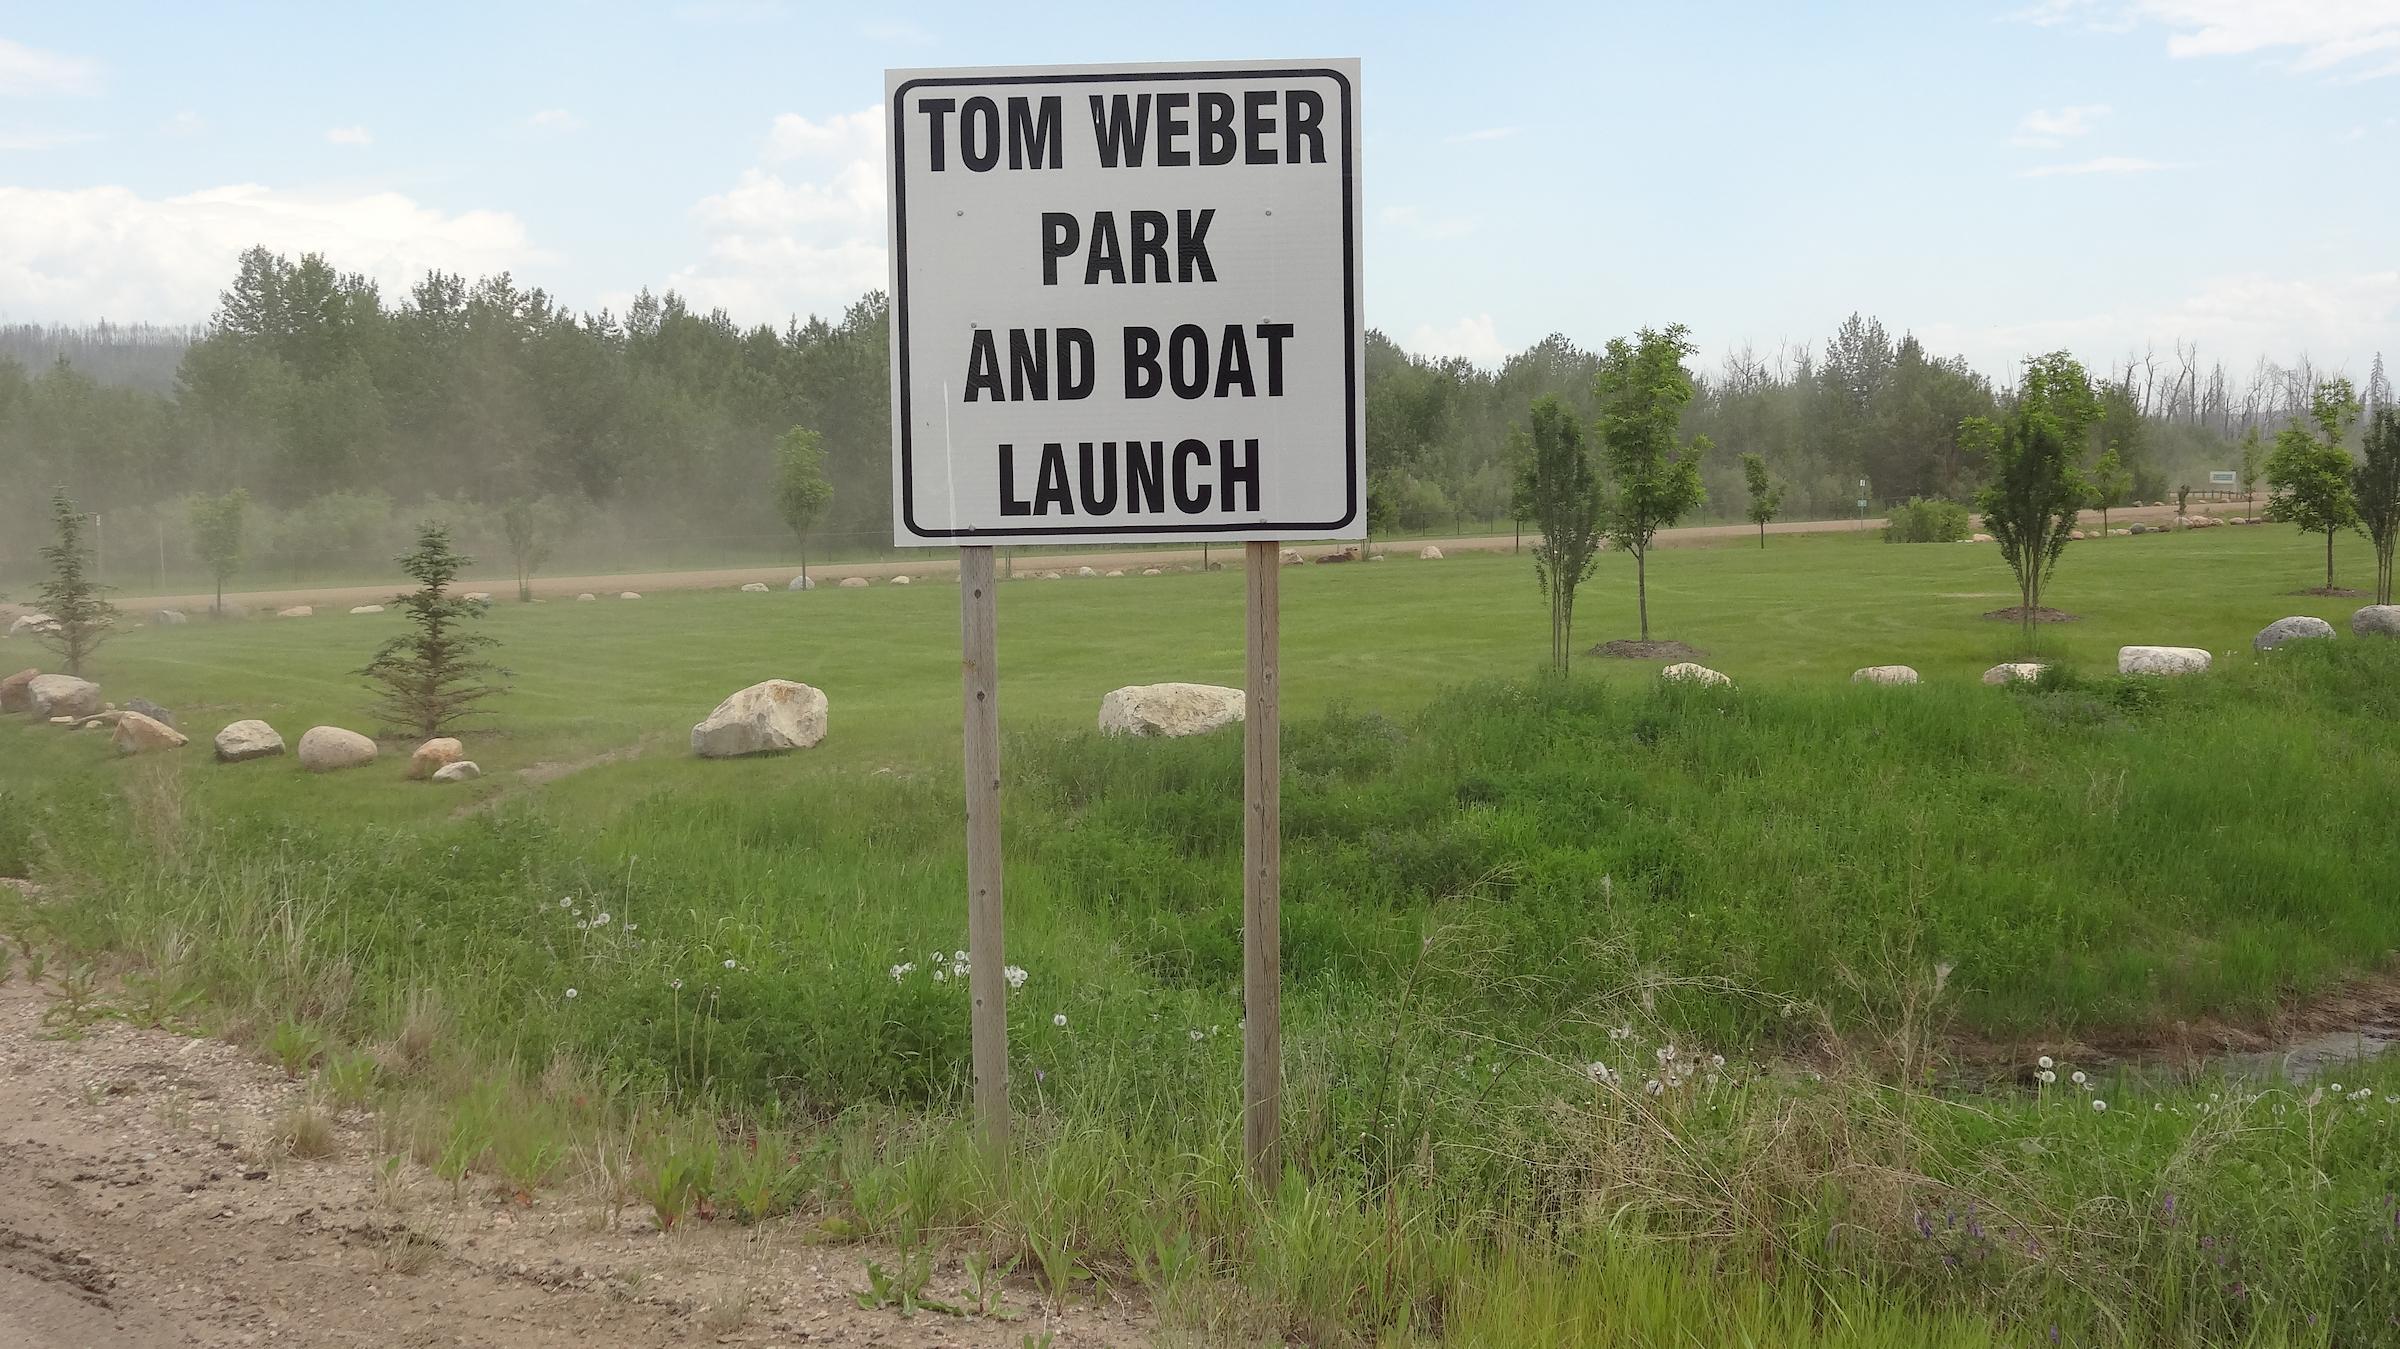 Tom Weber Boat Launch.JPG